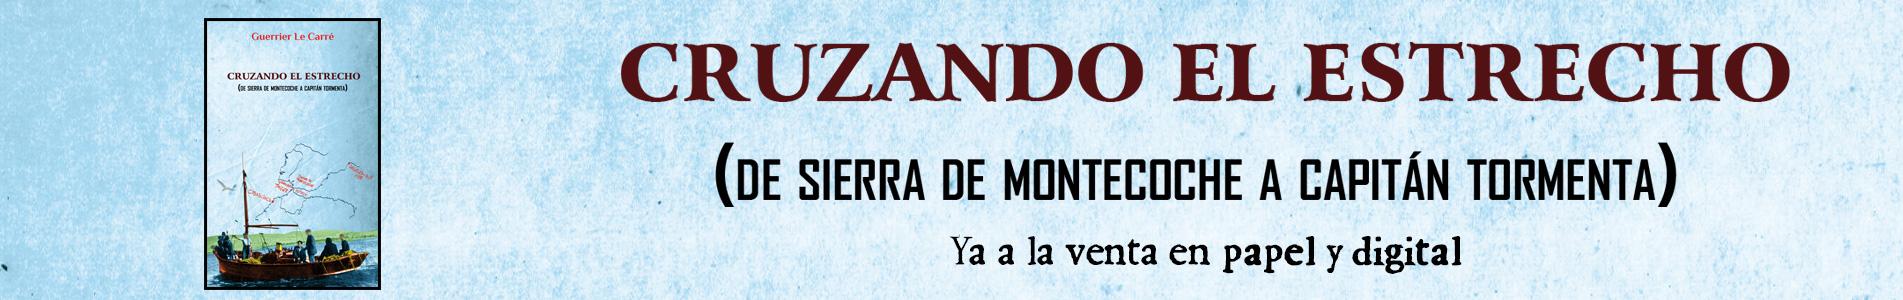 CRUZANDO EL ESTRECHO